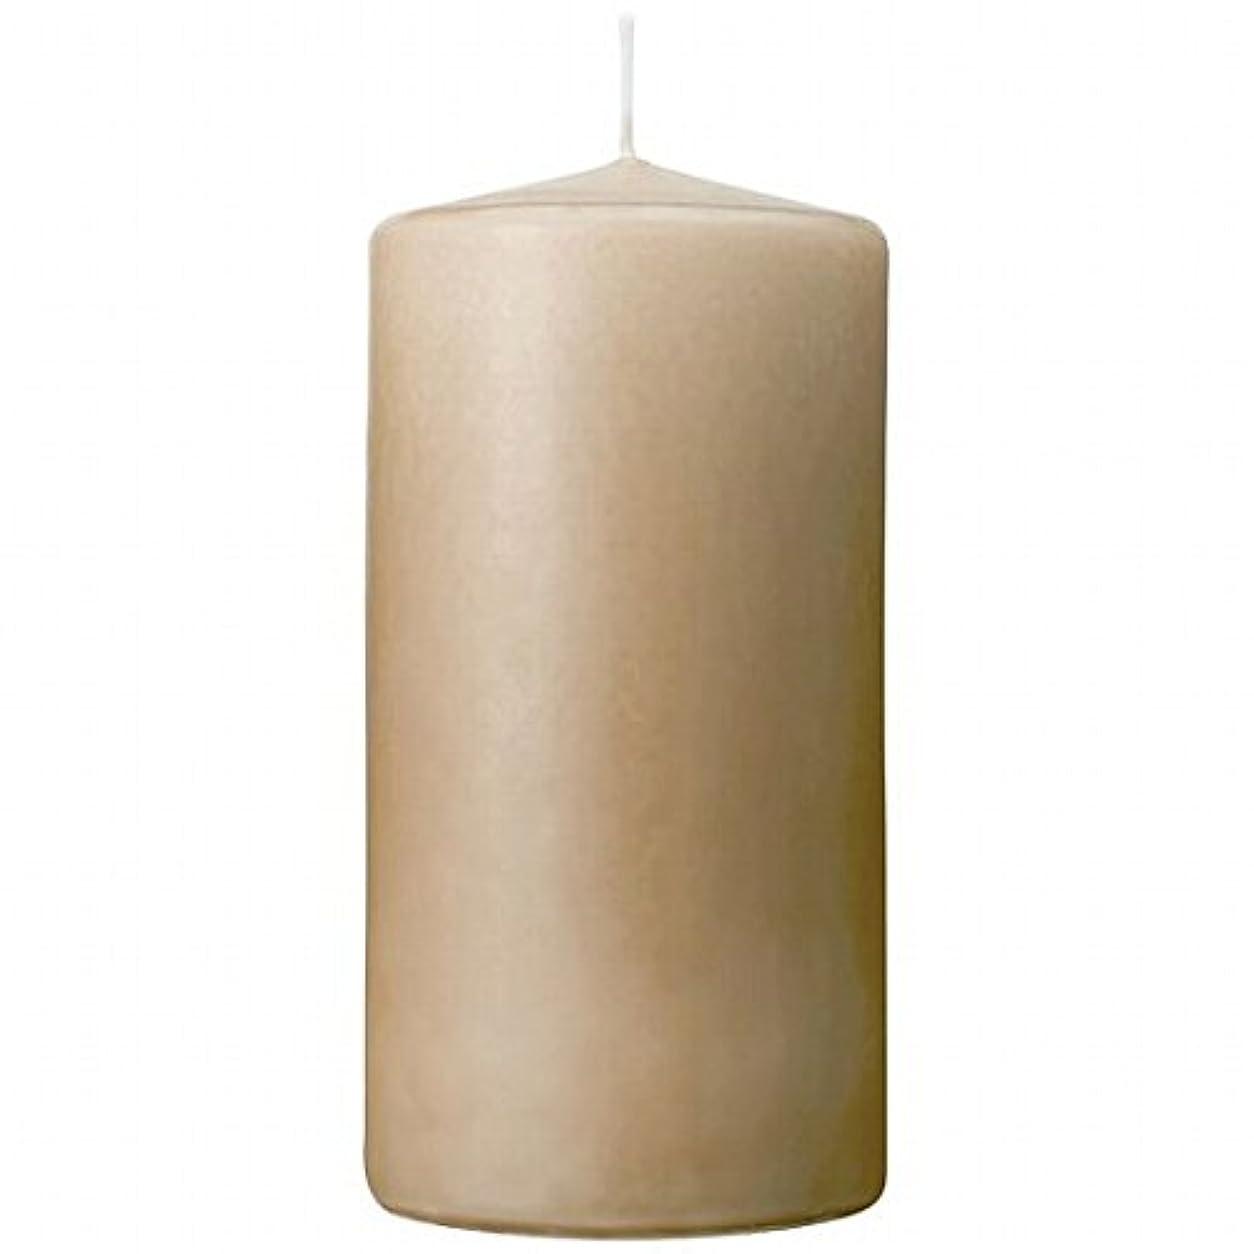 指導する正確さサイドボードカメヤマキャンドル(kameyama candle) 3×6ベルトップピラーキャンドル 「 ベージュ 」